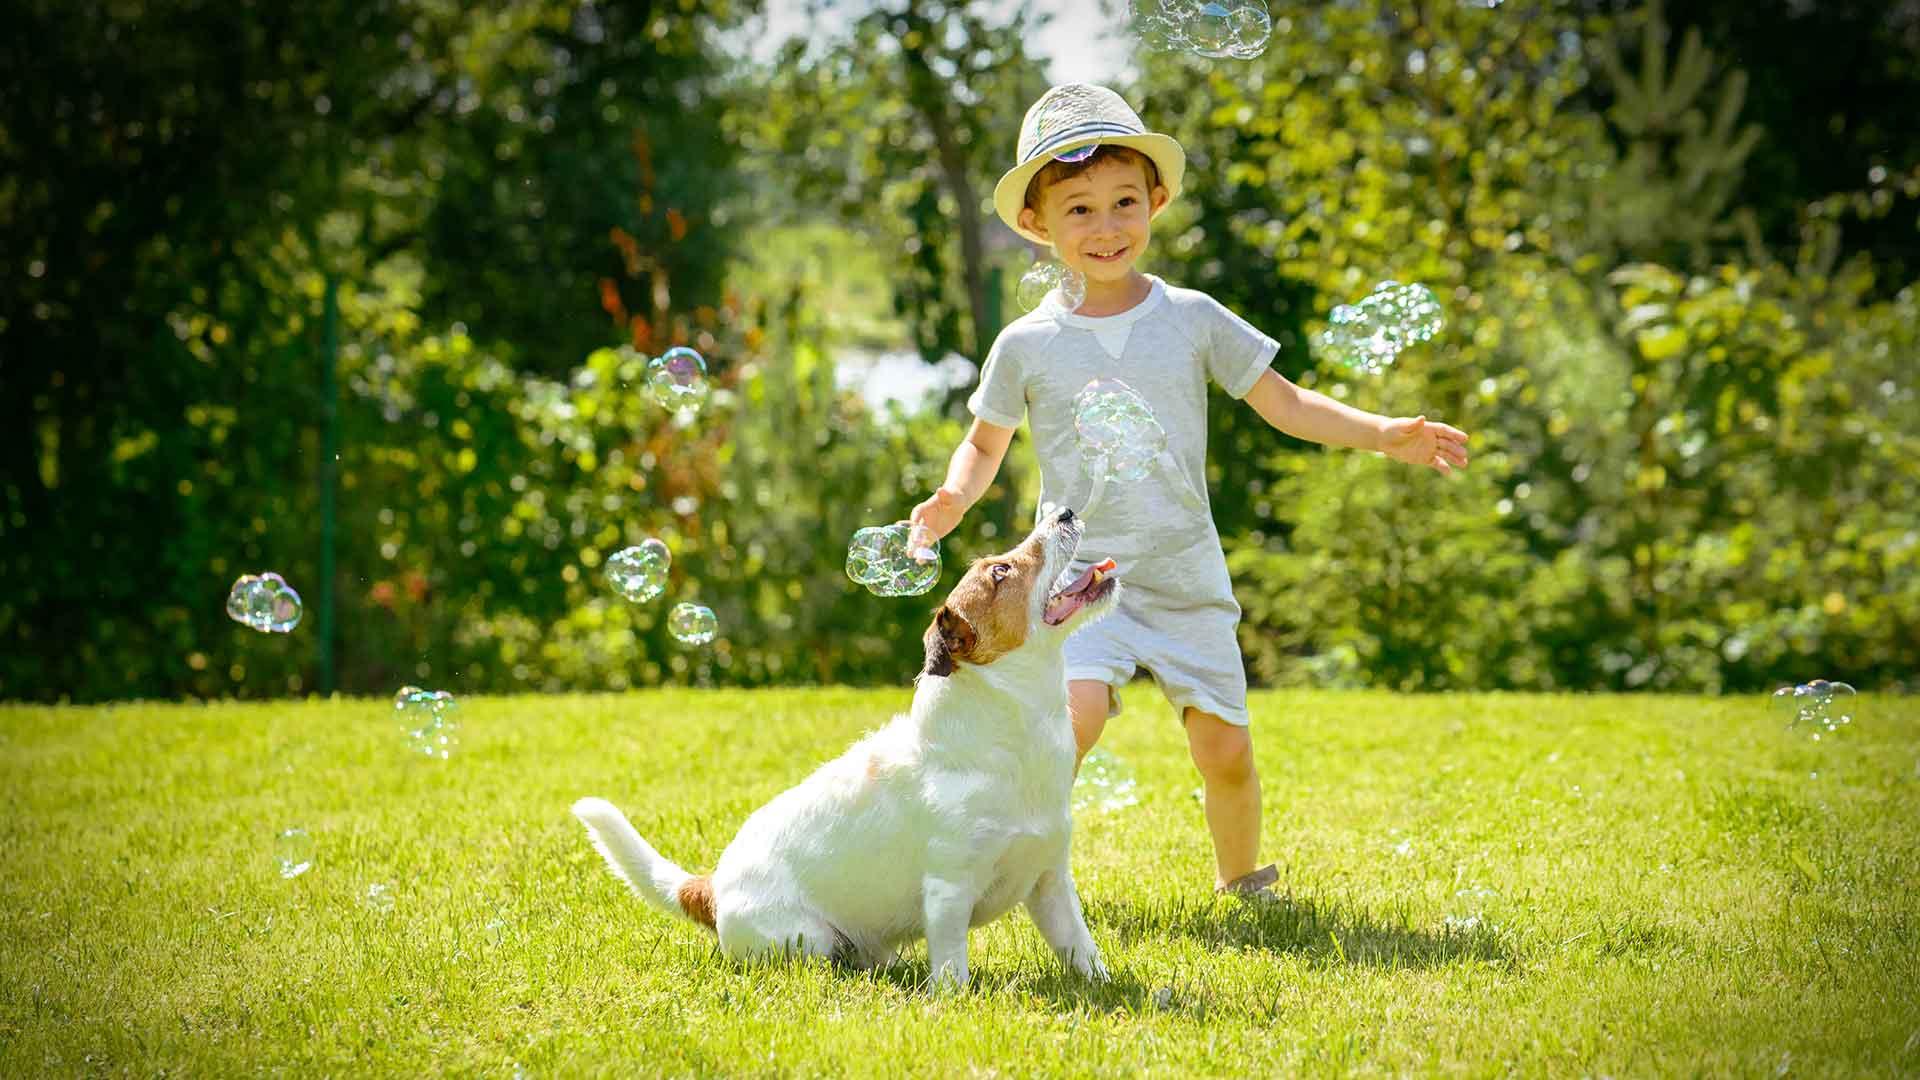 Kind spielt mit Tier im Garten